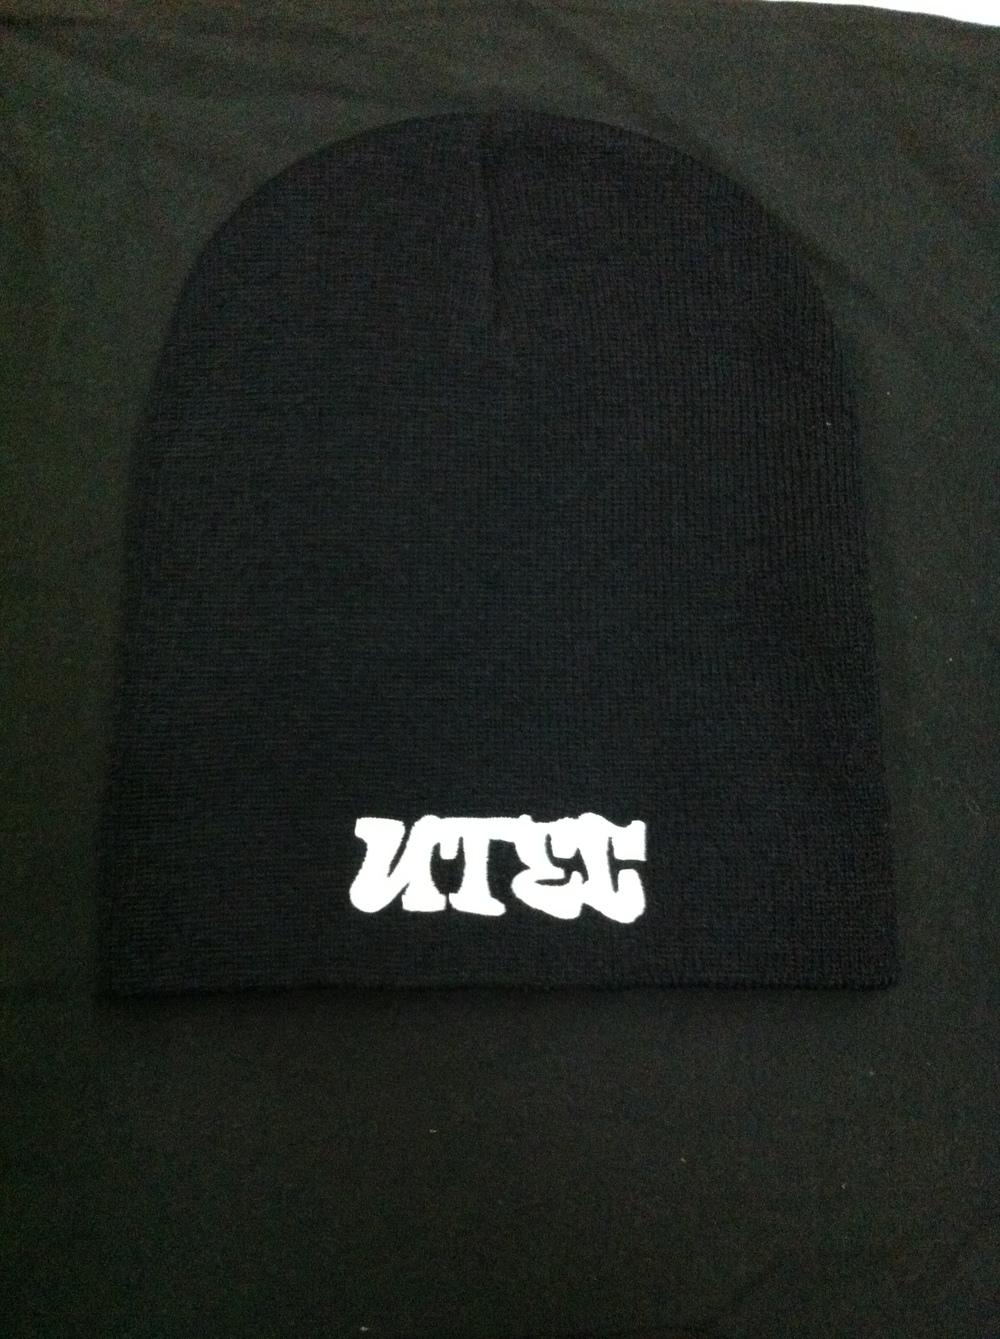 UTEC Hat.JPG